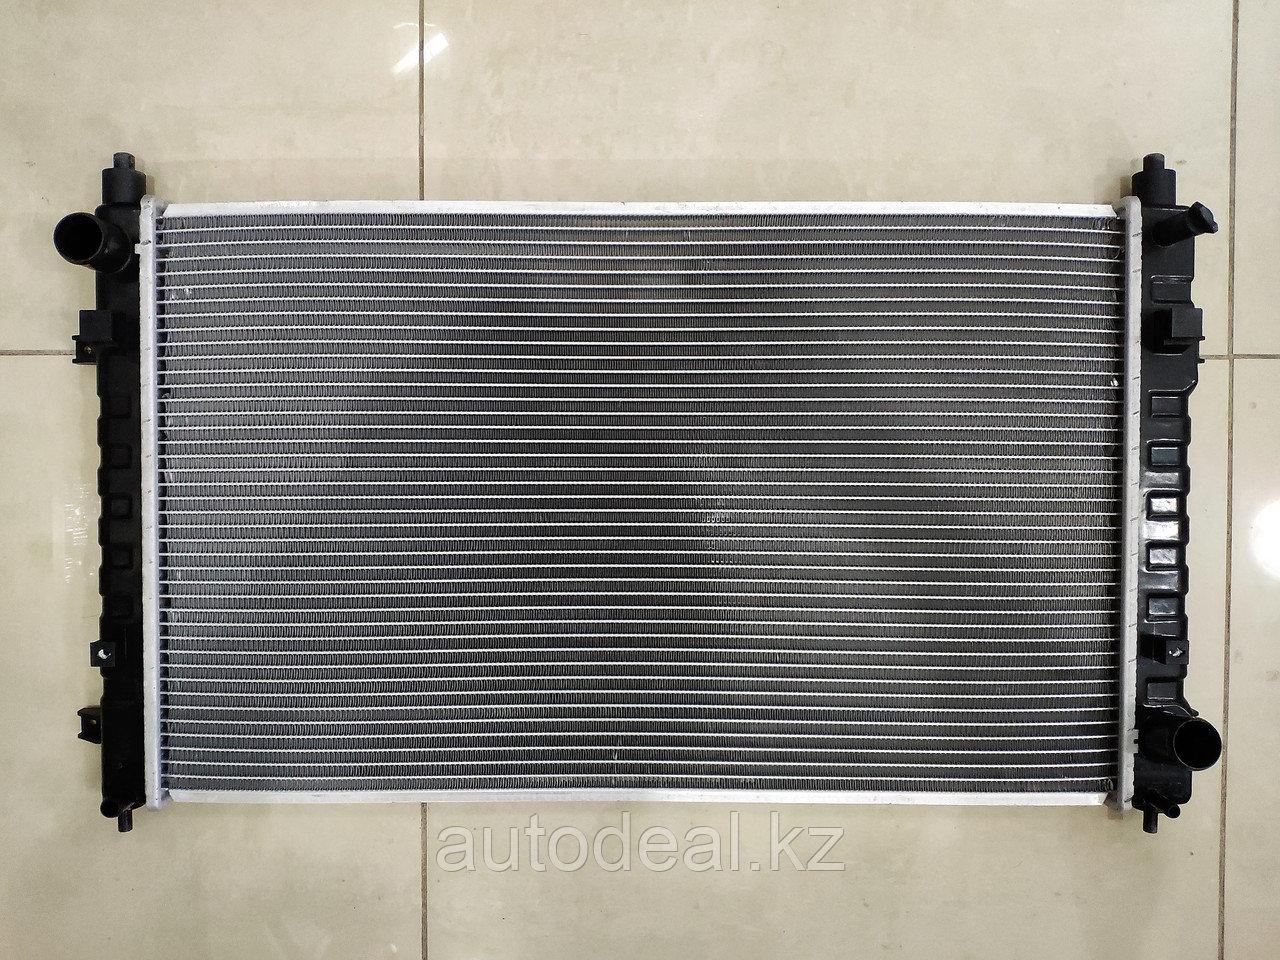 Радиатор охлаждения основной Geely X7 / Main coolant radiator